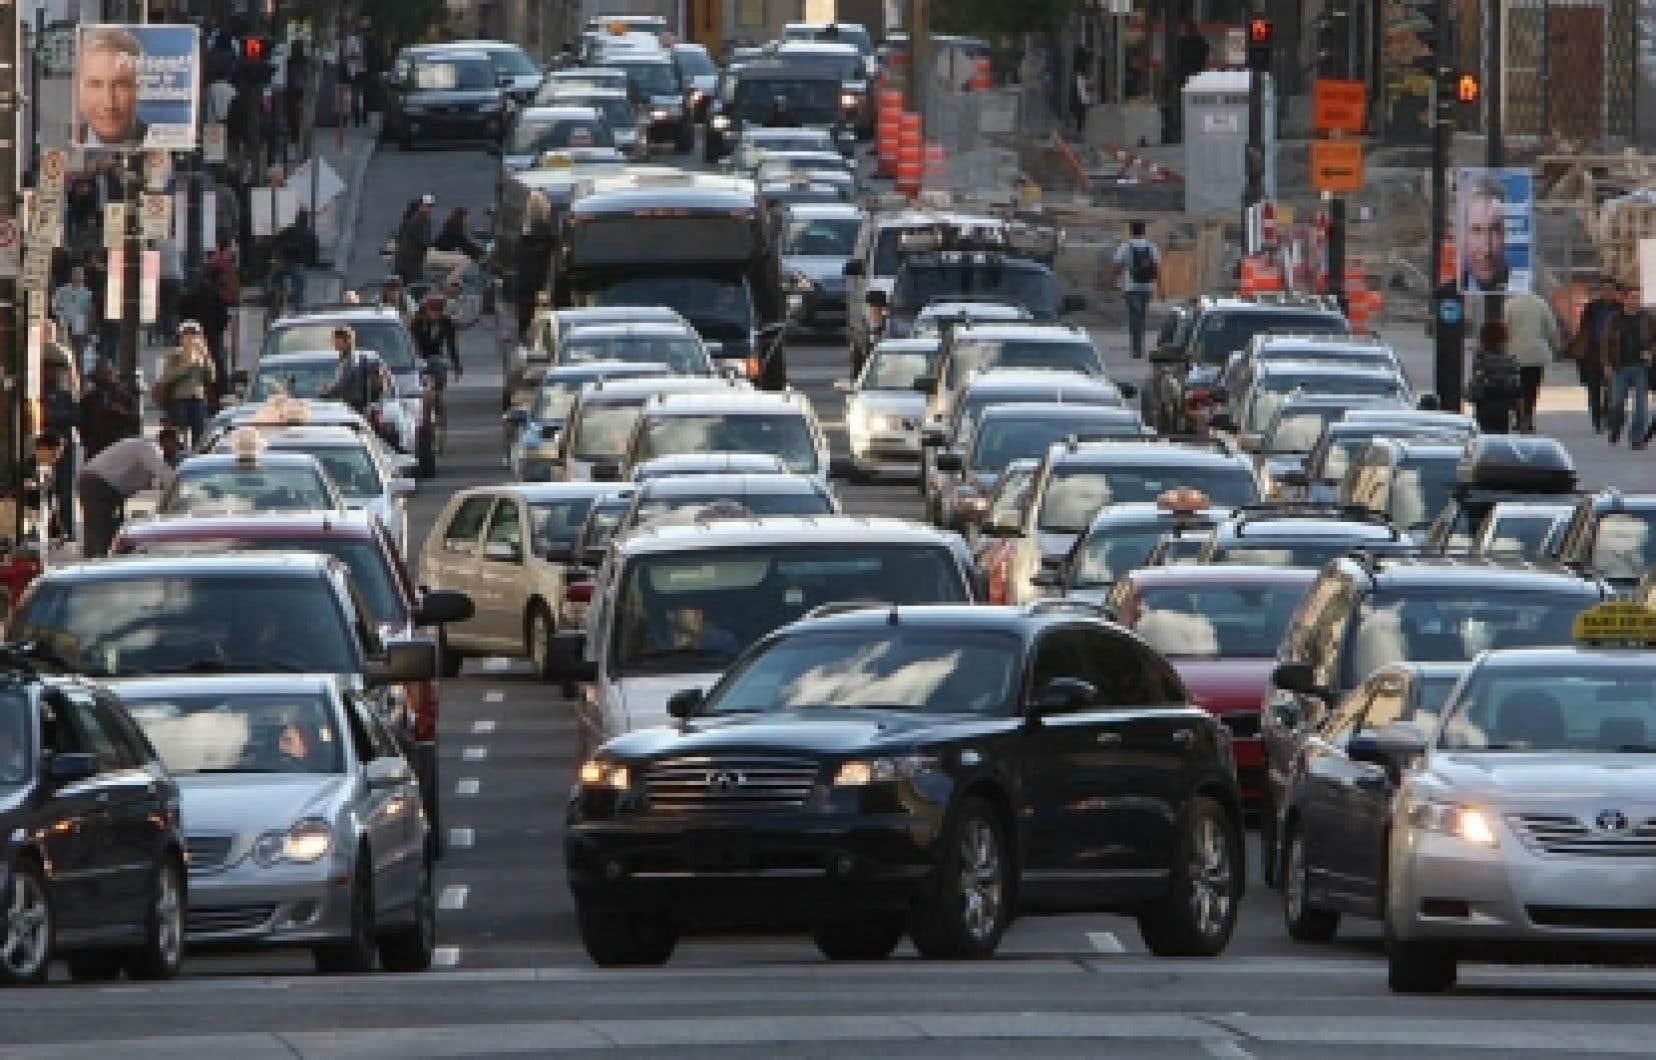 Le gouvernement fédéral veut calculer les émissions de gaz à effet de serre par véhicule tandis que Québec a choisi de faire une moyenne du parc automobile d'un constructeur.